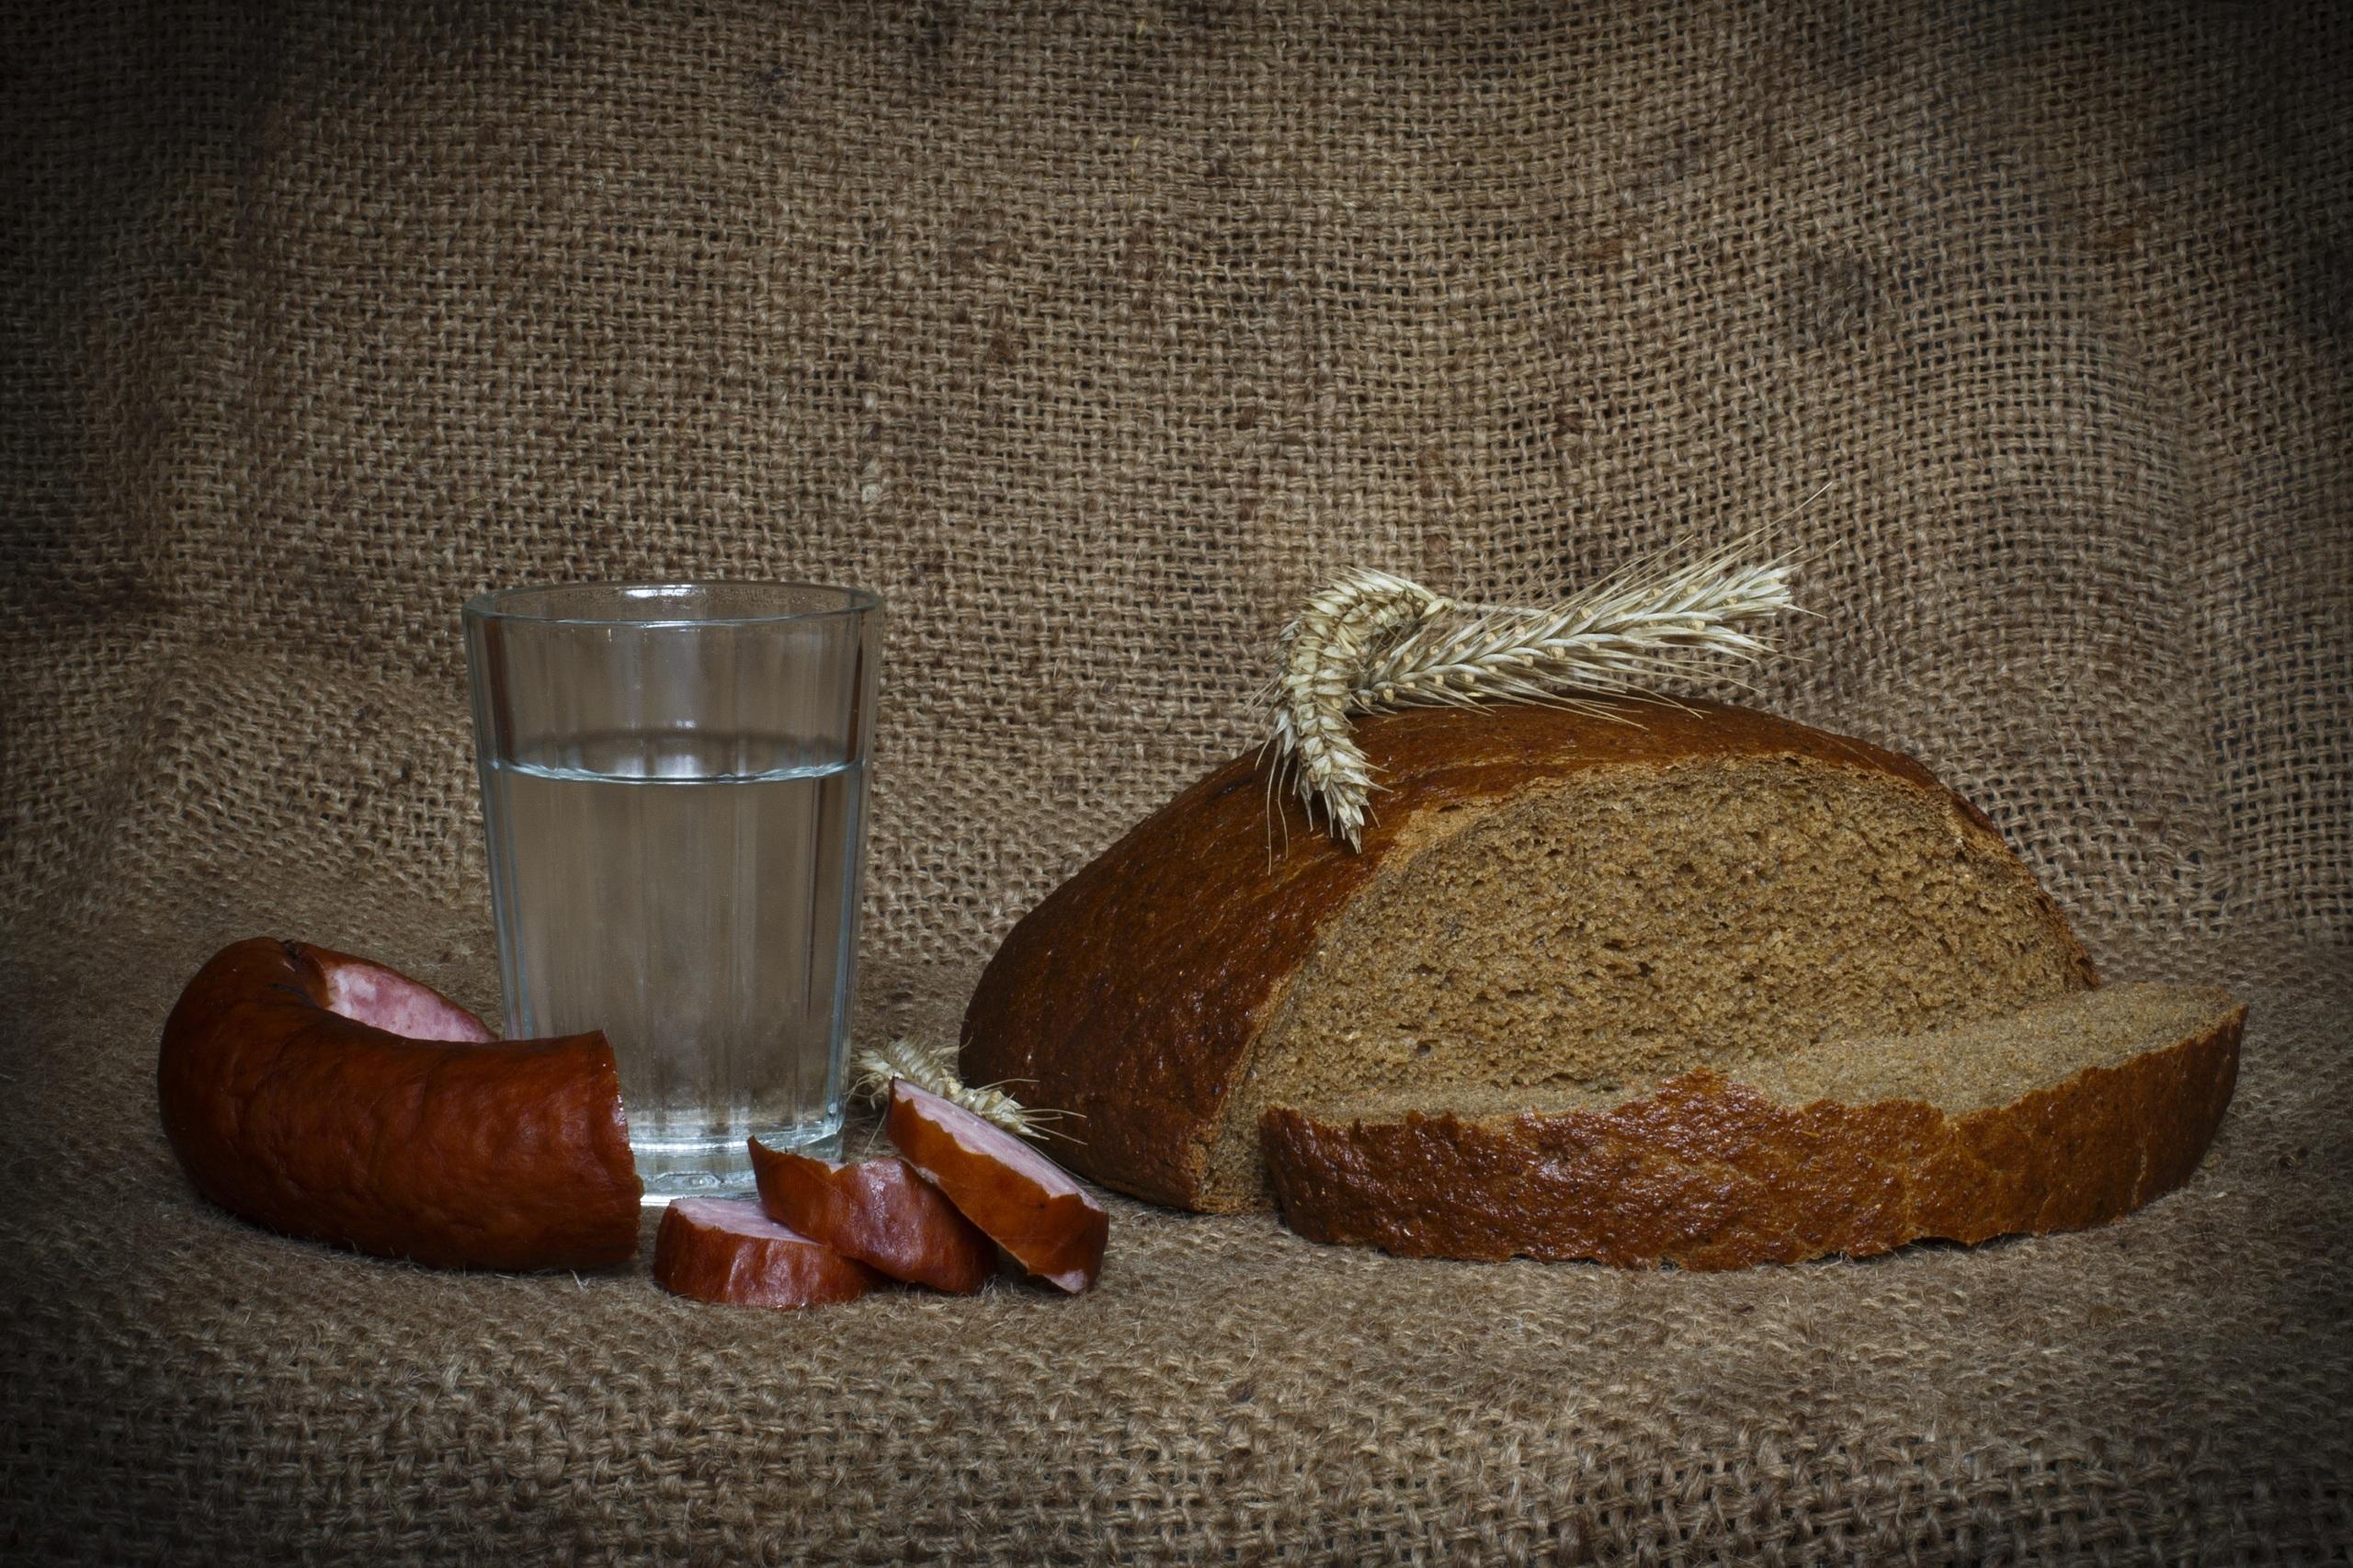 Обои Водка Колбаса Хлеб Стакан колоски Еда Нарезанные продукты 2560x1706 Колос колосья колосок стакана стакане Пища нарезка Продукты питания